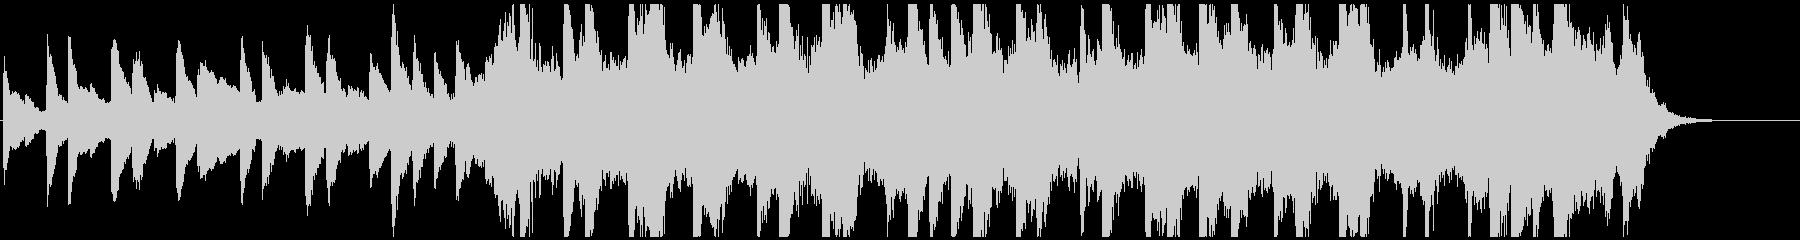 ピアノと弦楽器の悲しいワルツ約30秒の未再生の波形